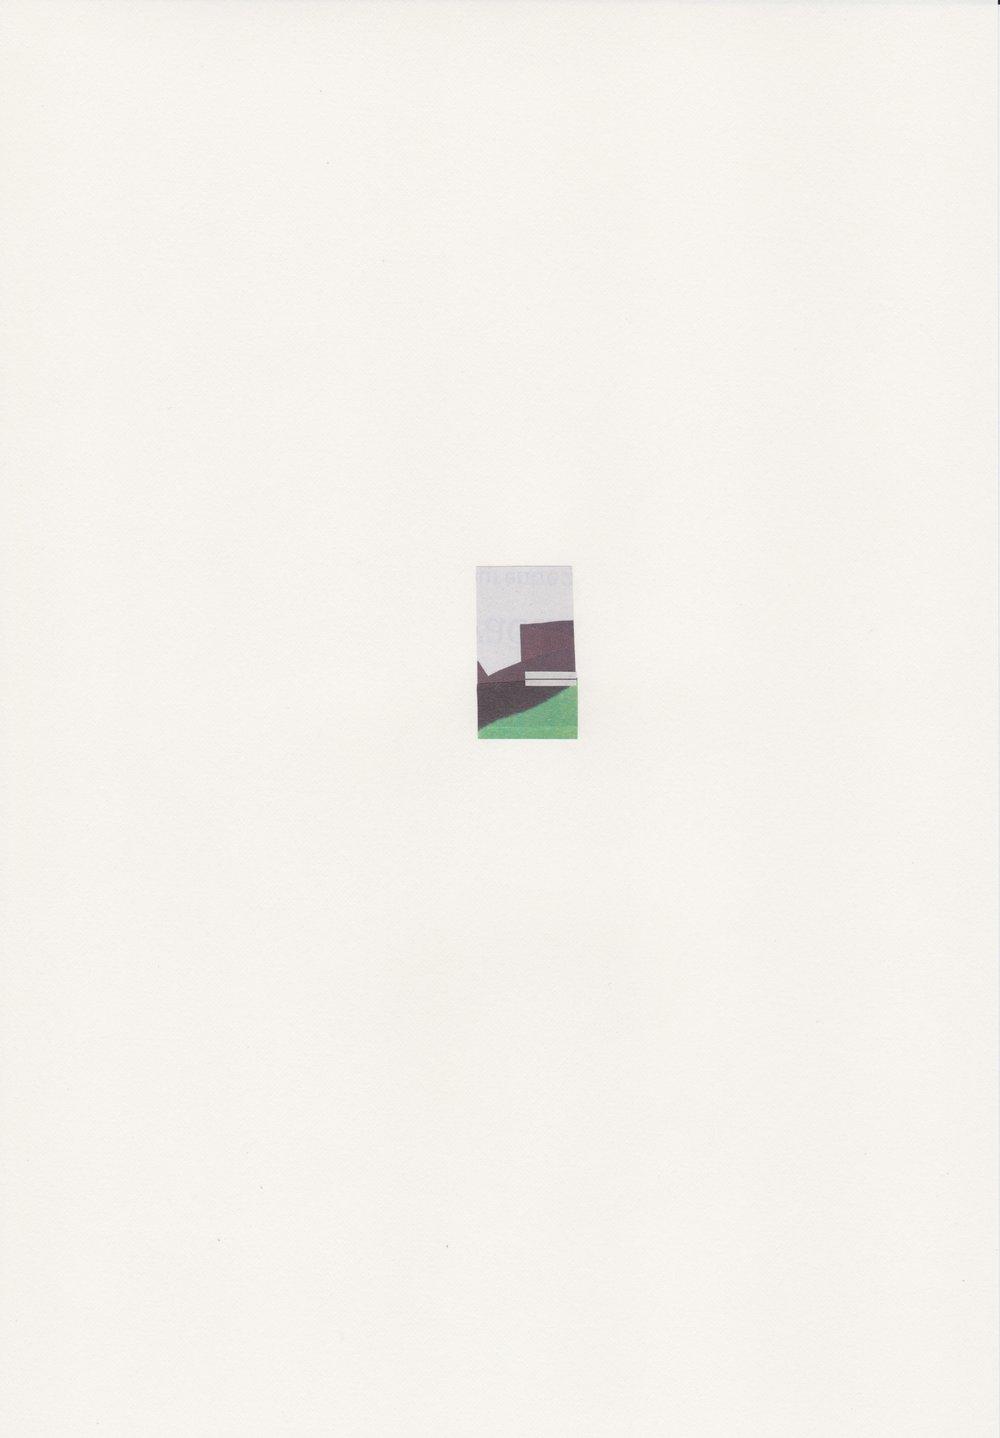 Au Détour - n ° 2 - Assemblage sur papier velin -    Collage 3,5 x 2 cm - (Encadré 31,9 x 23,2 cm) - 2017